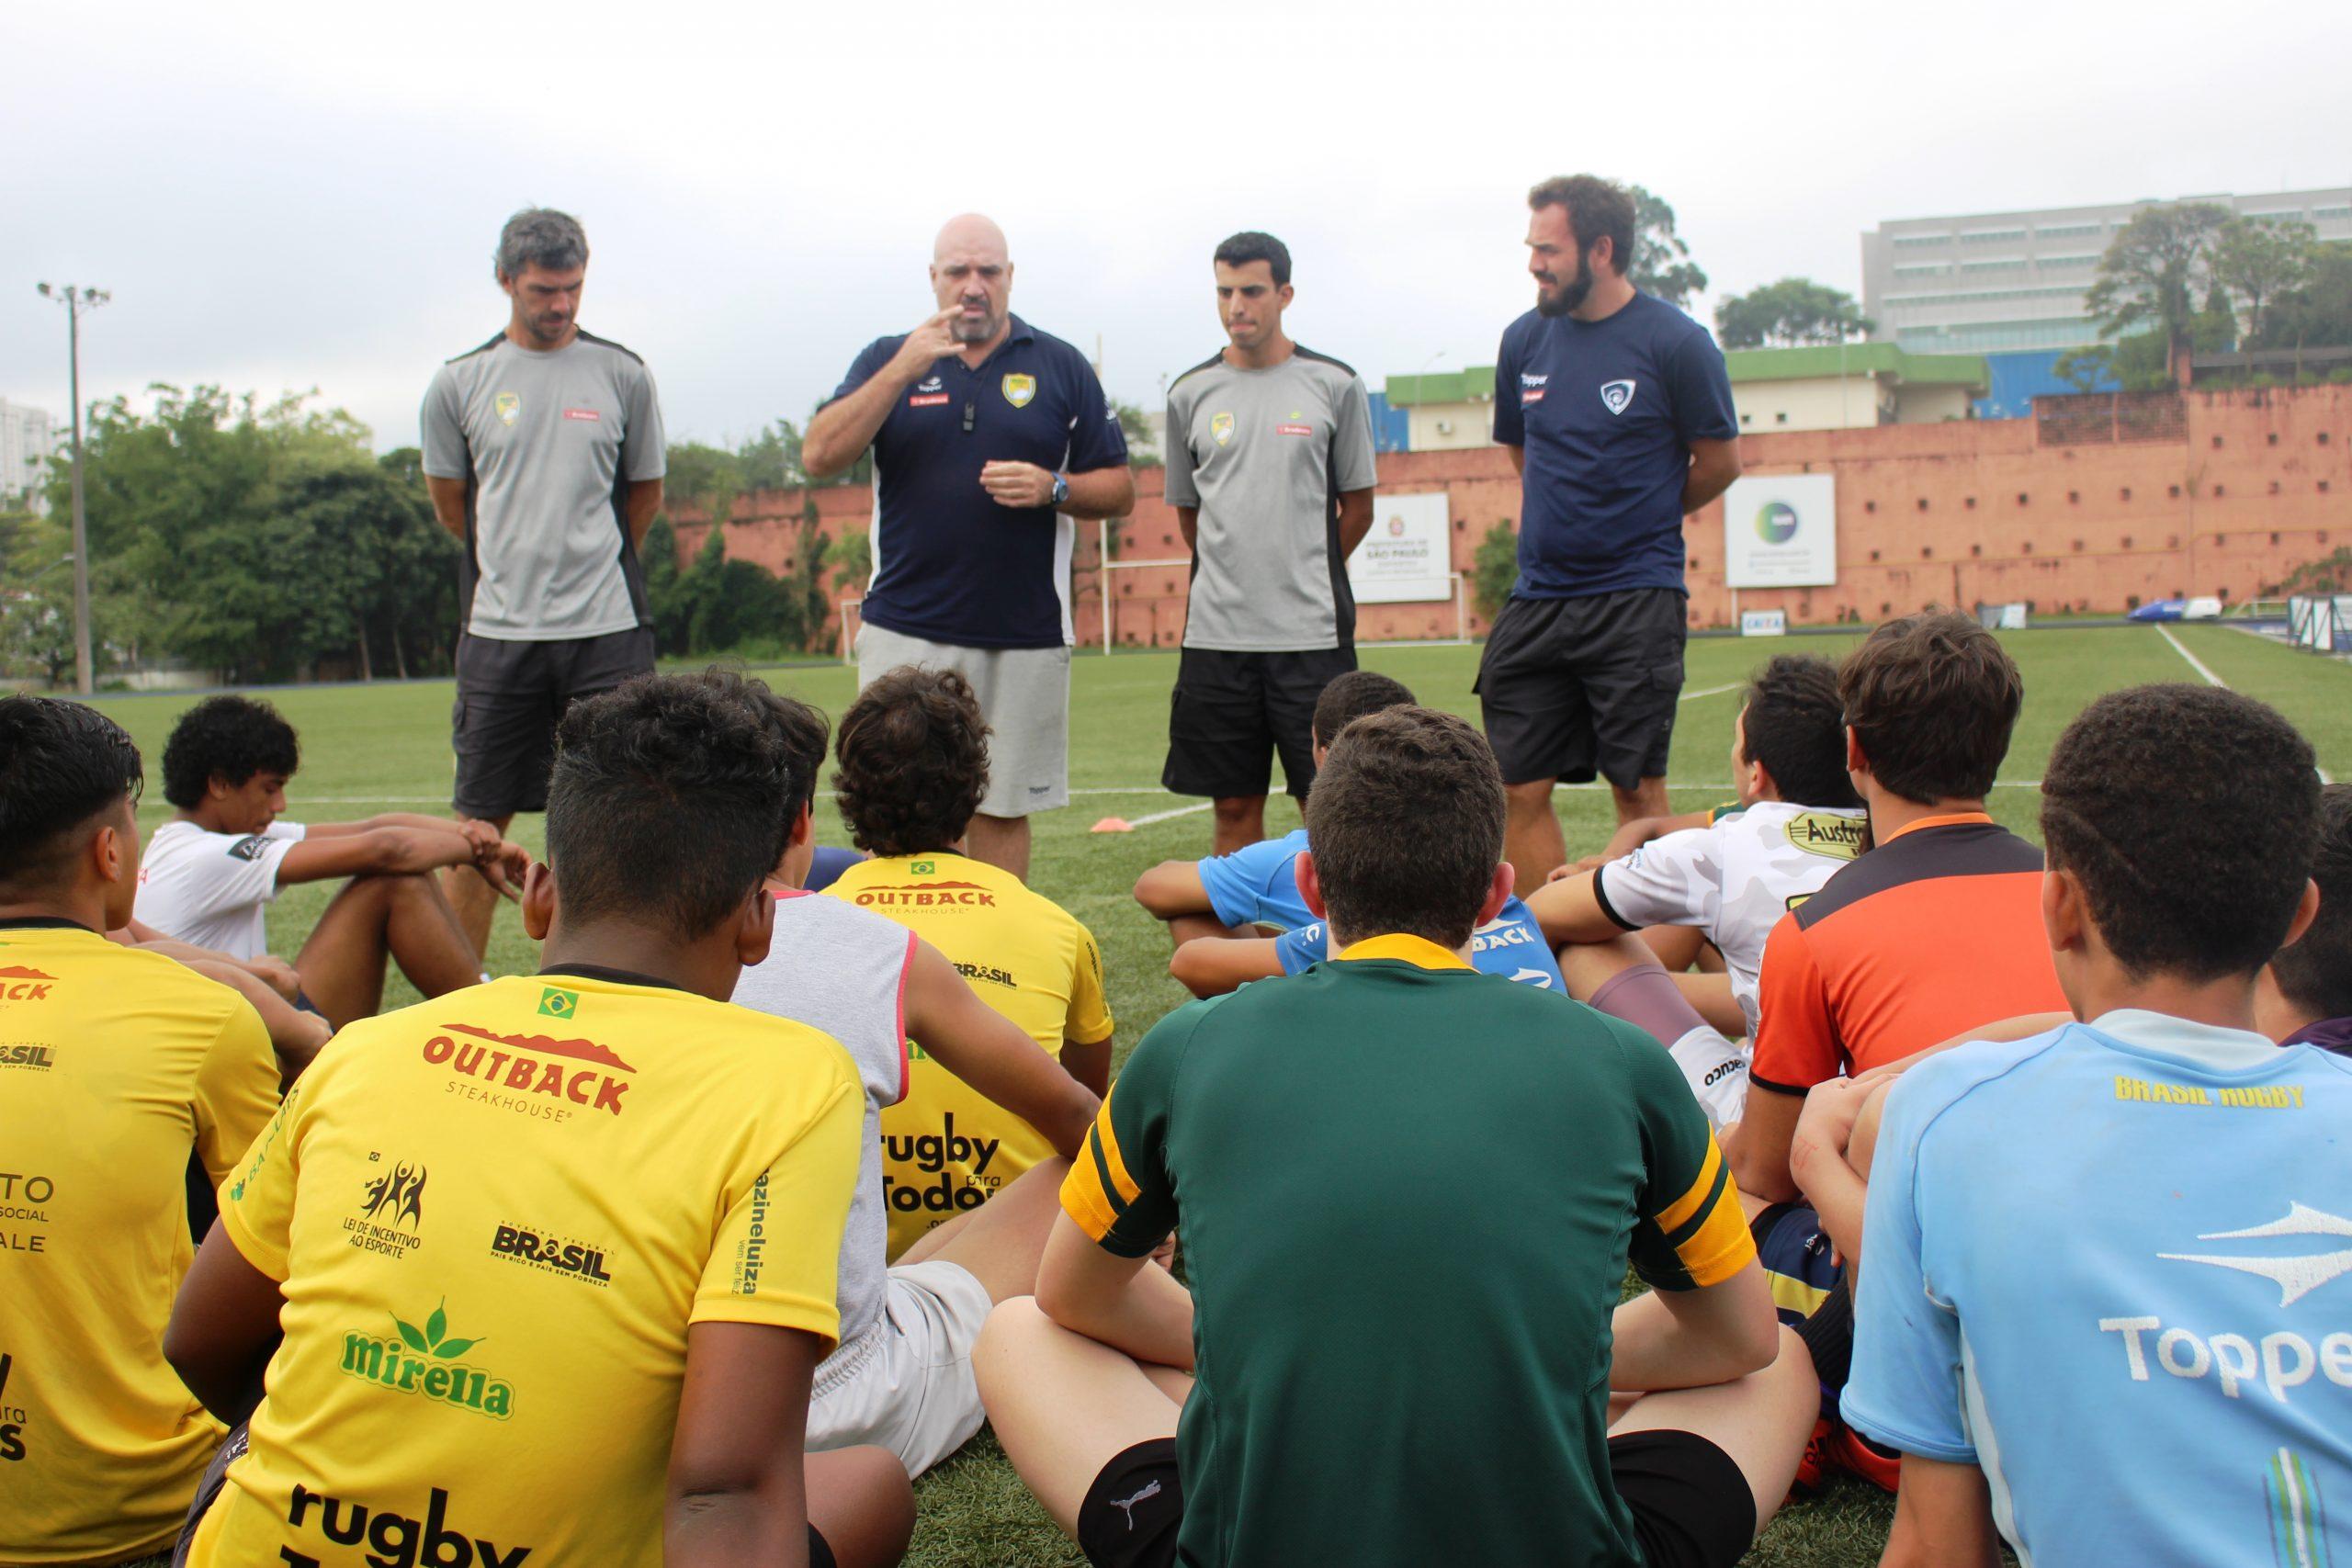 Confederação Brasileira de Rugby realiza seletiva para sua seleção juvenil no NAR-SP